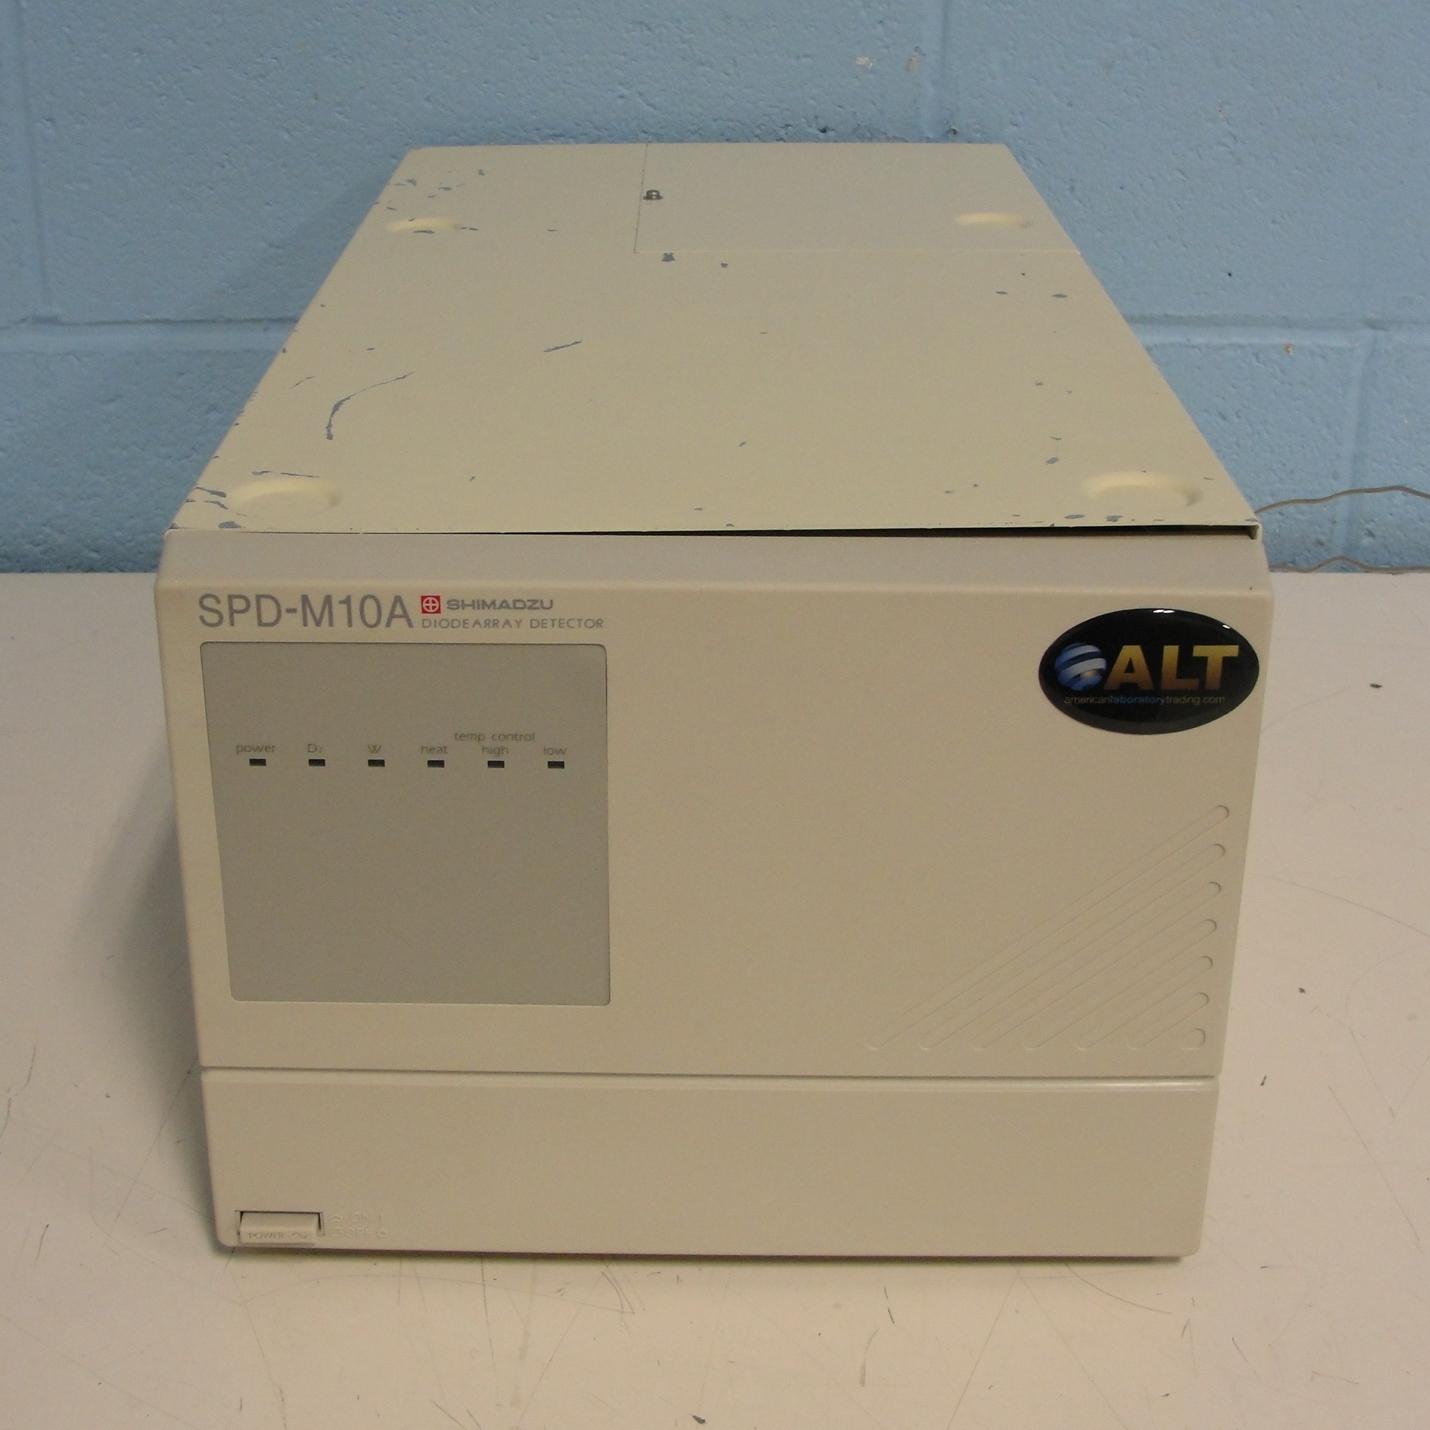 Shimadzu SPD-M10A Diode Array Detector Image